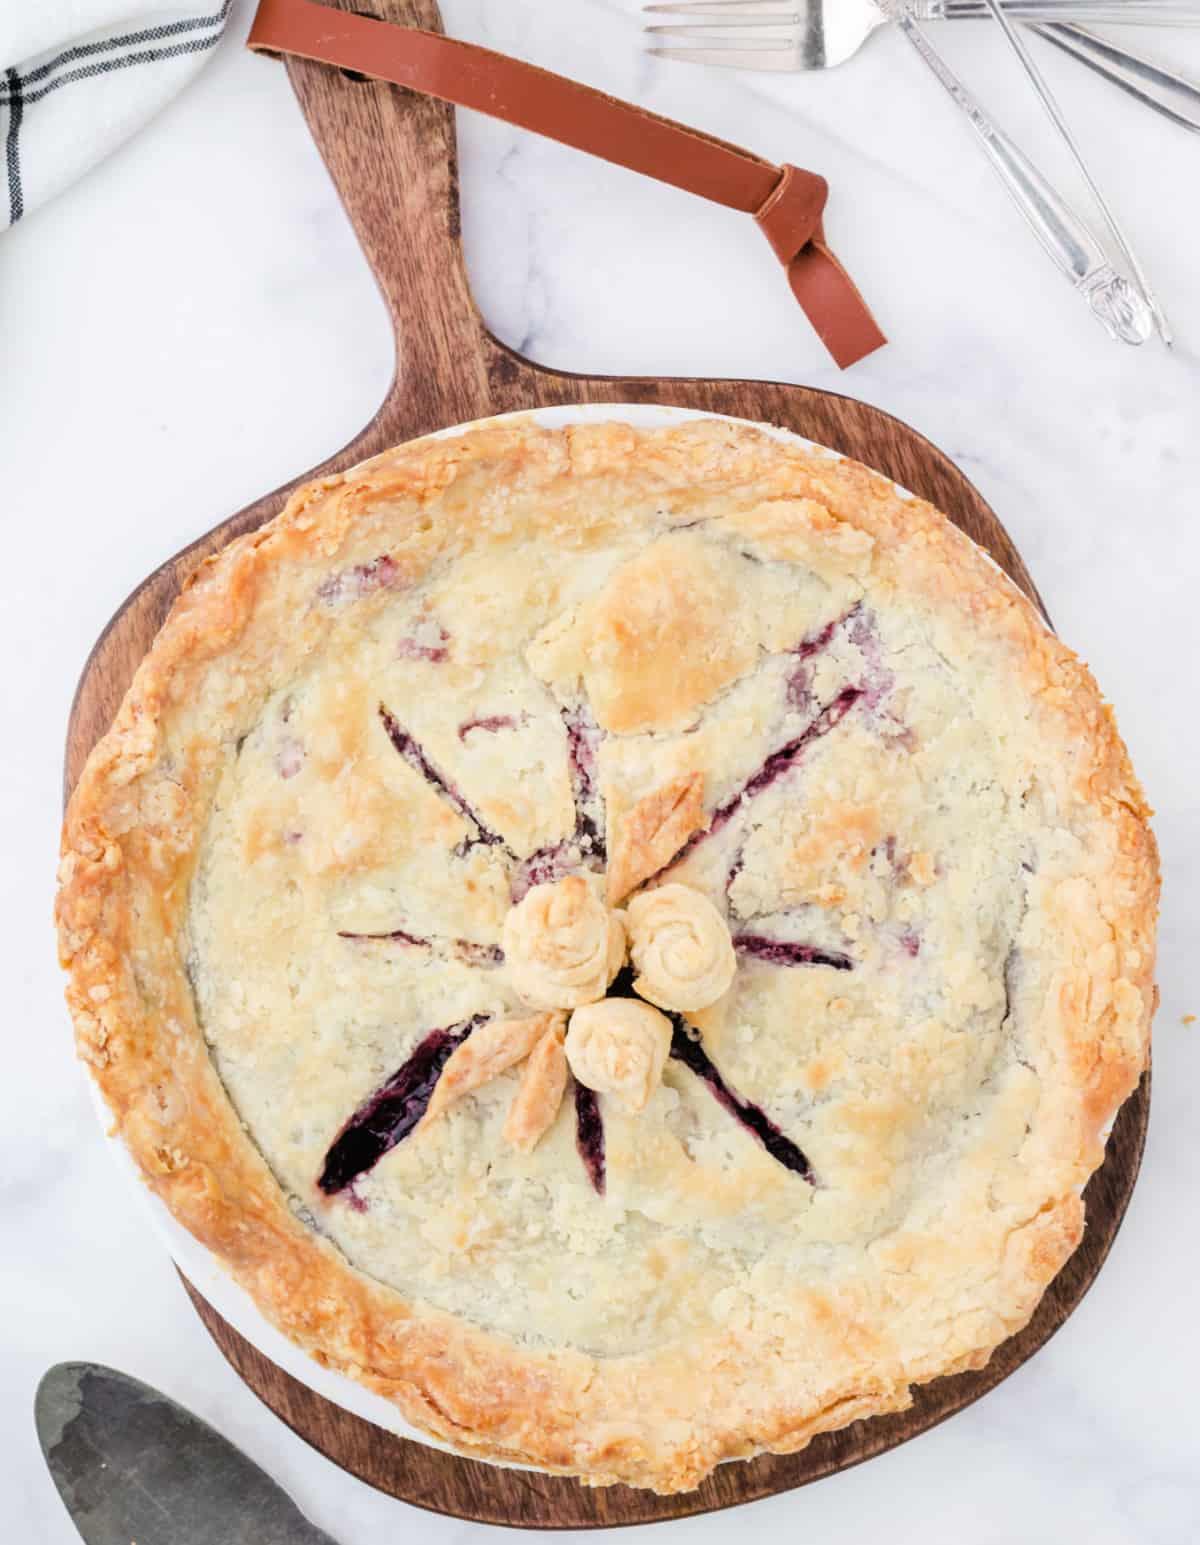 Un pastel de cerezas entero sobre una pequeña tabla de cortar de madera.